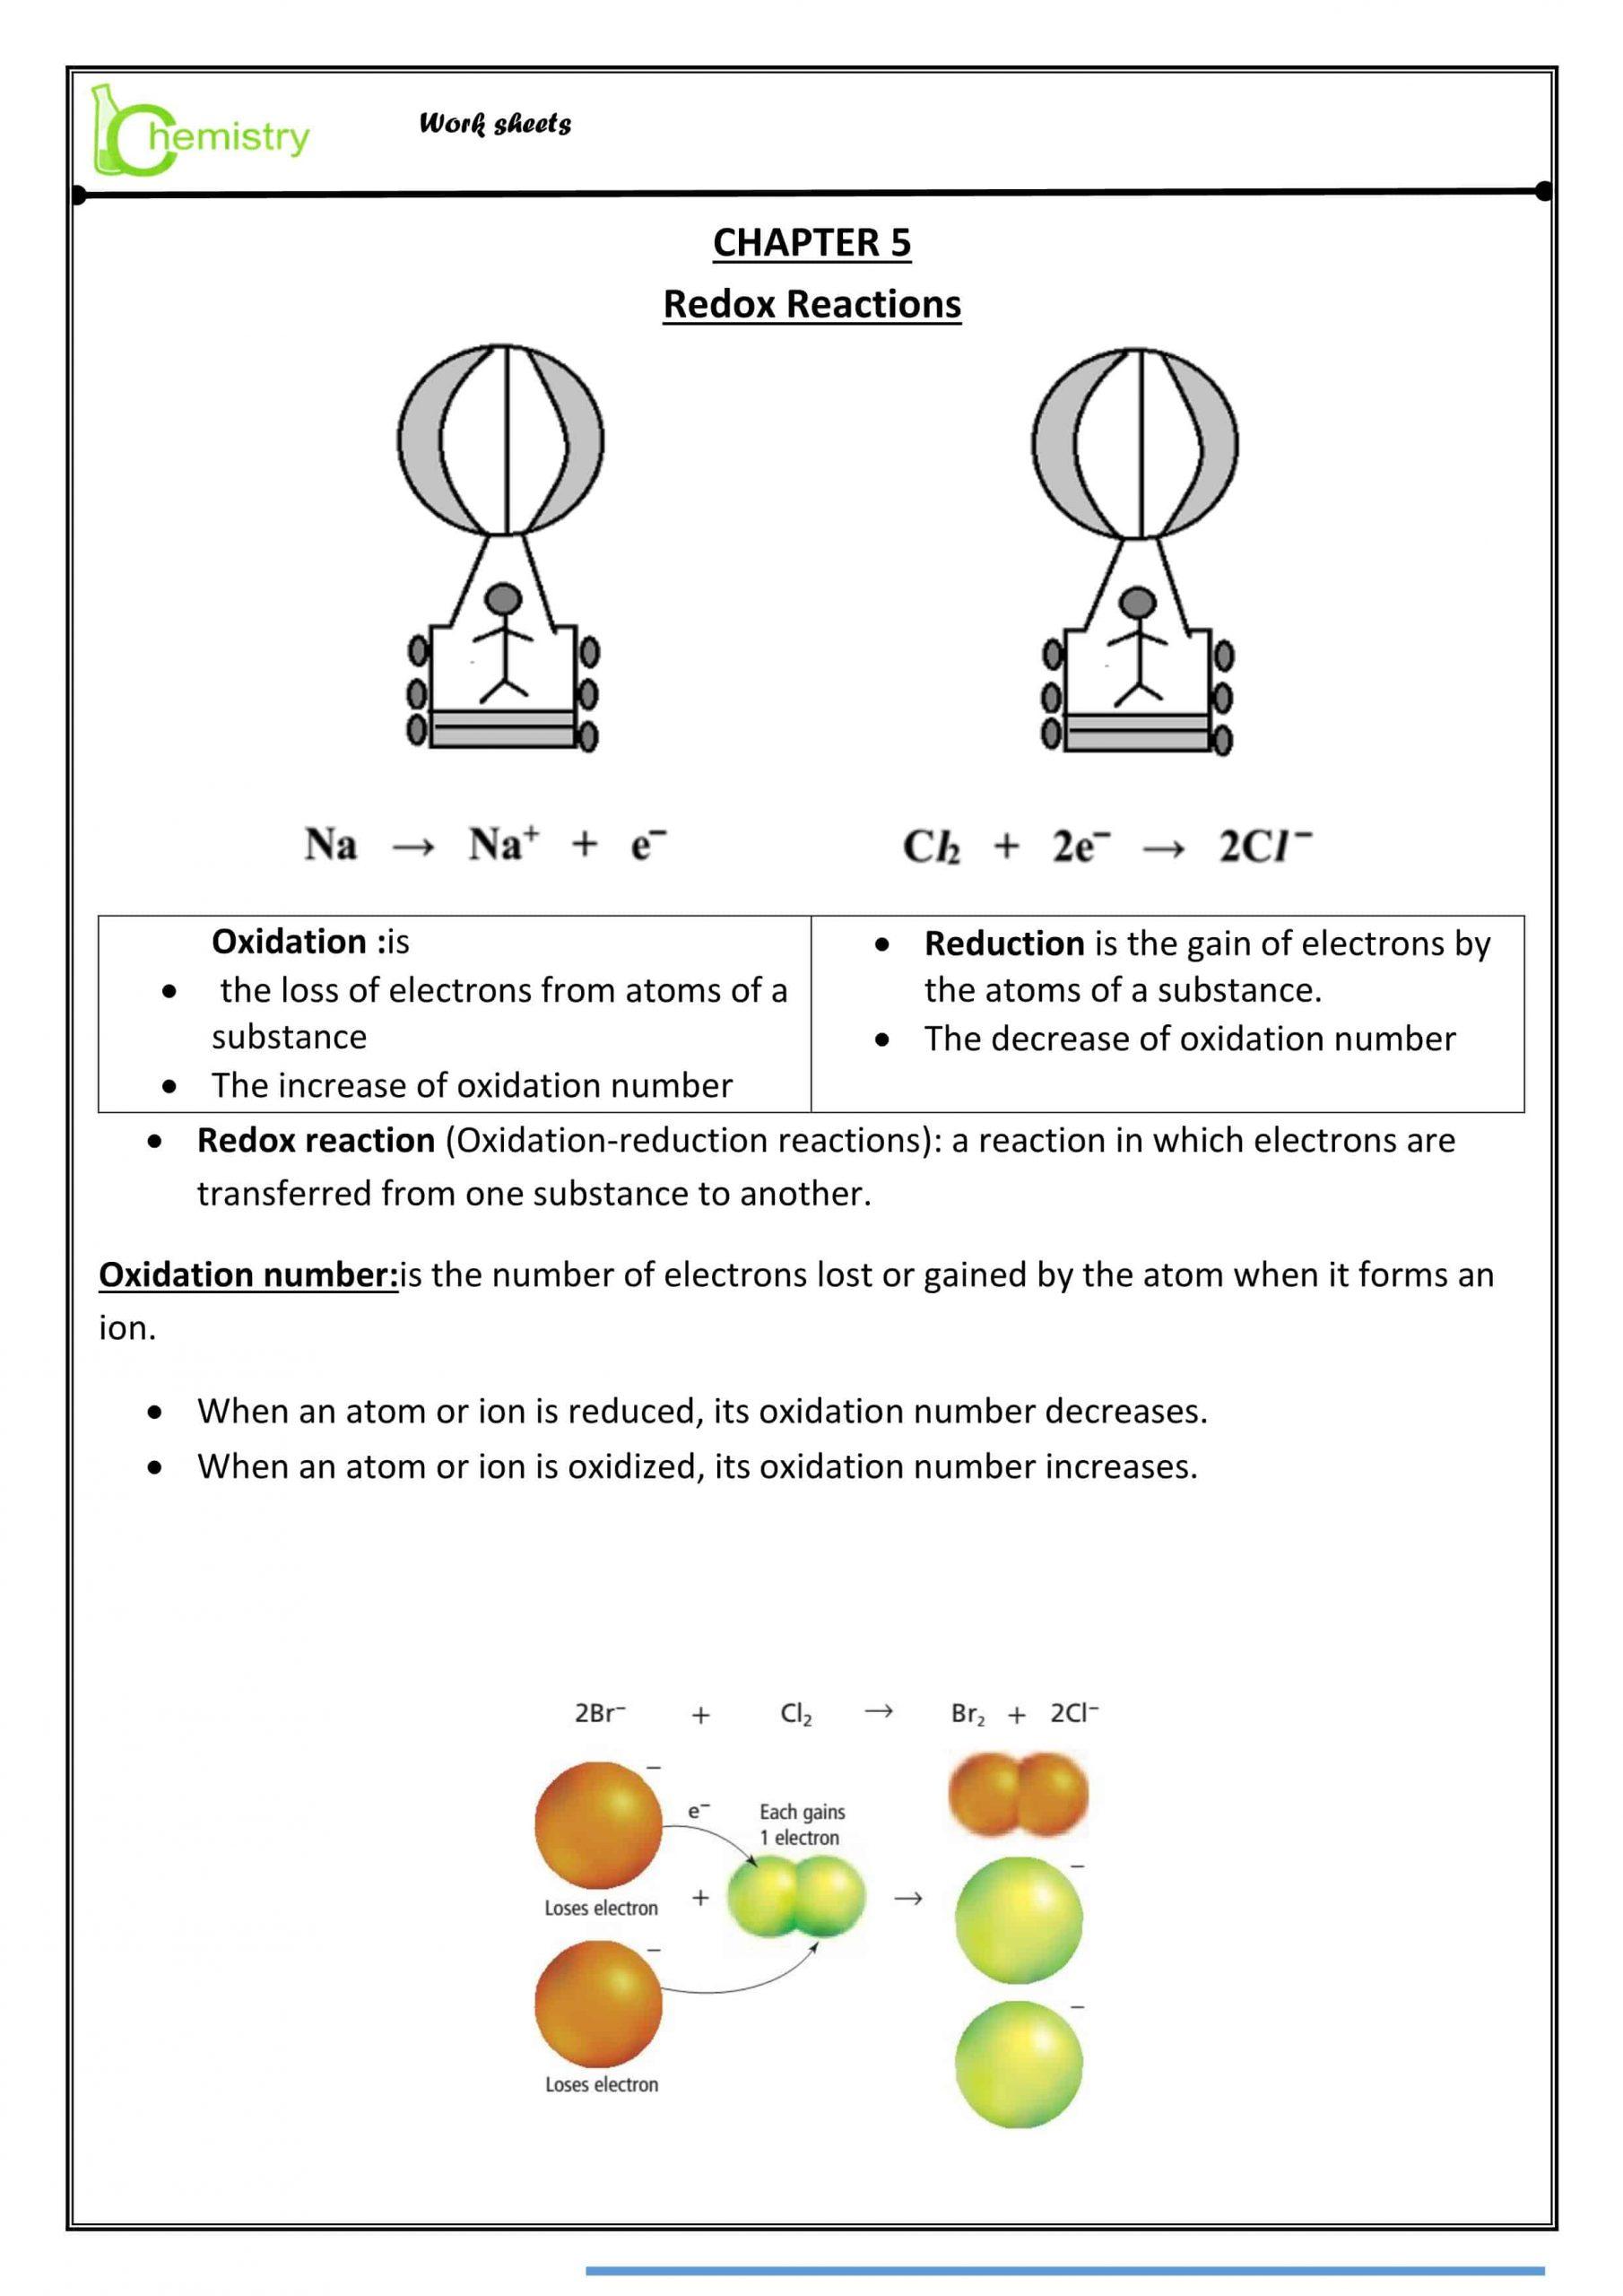 أوراق عمل CHAPTER 5 Redox Reactions بالإنجليزي الصف الثاني عشر متقدم مادة الكيمياء